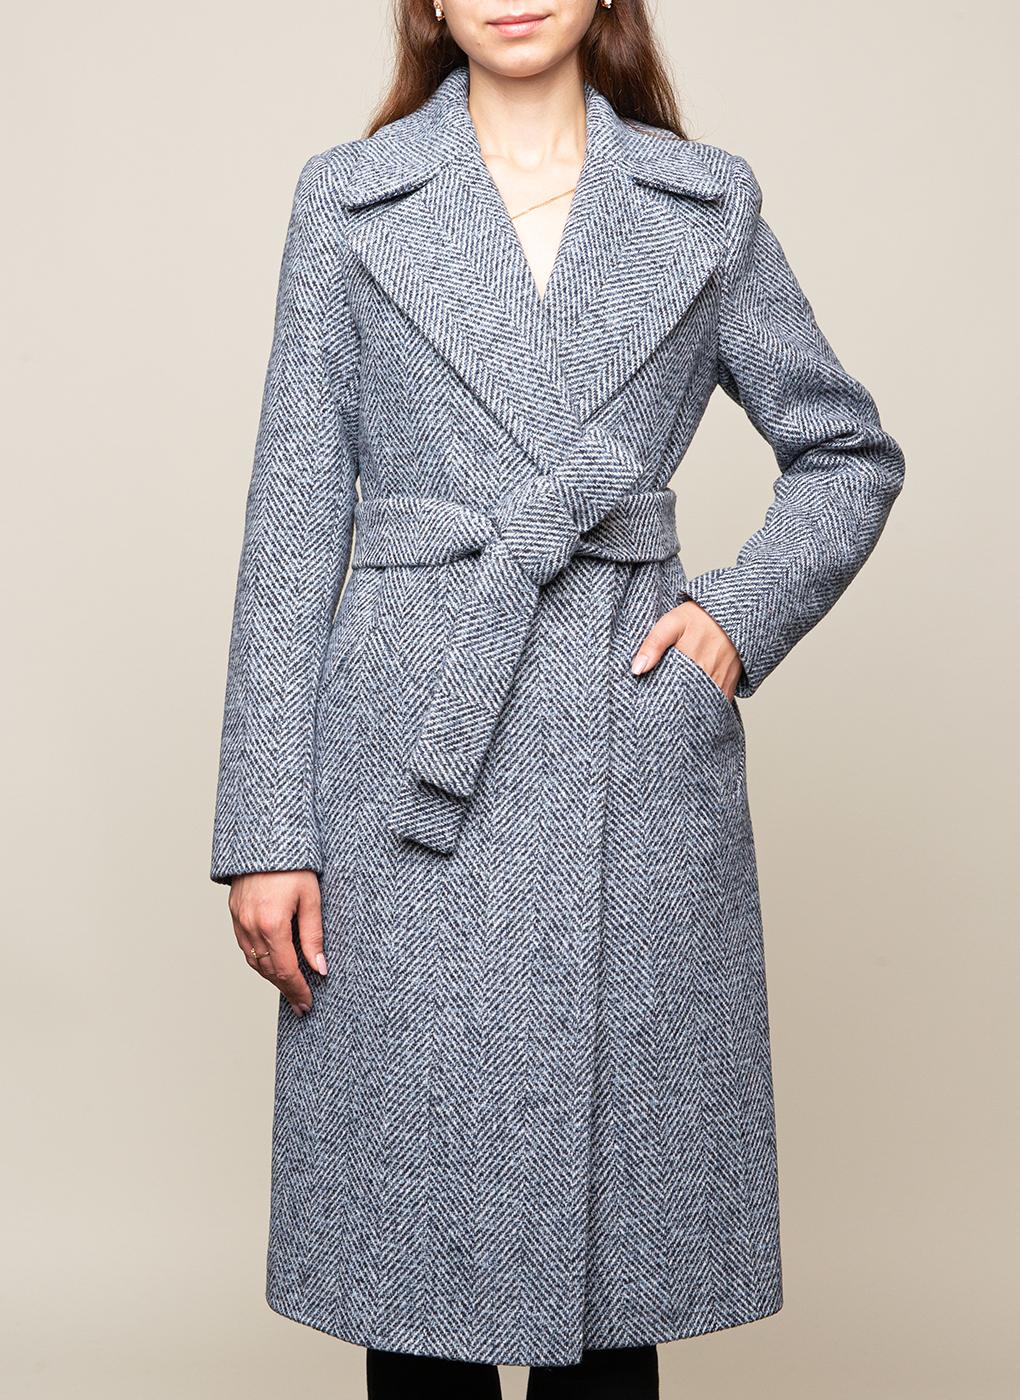 Пальто шерстяное 16, Аллатекс фото